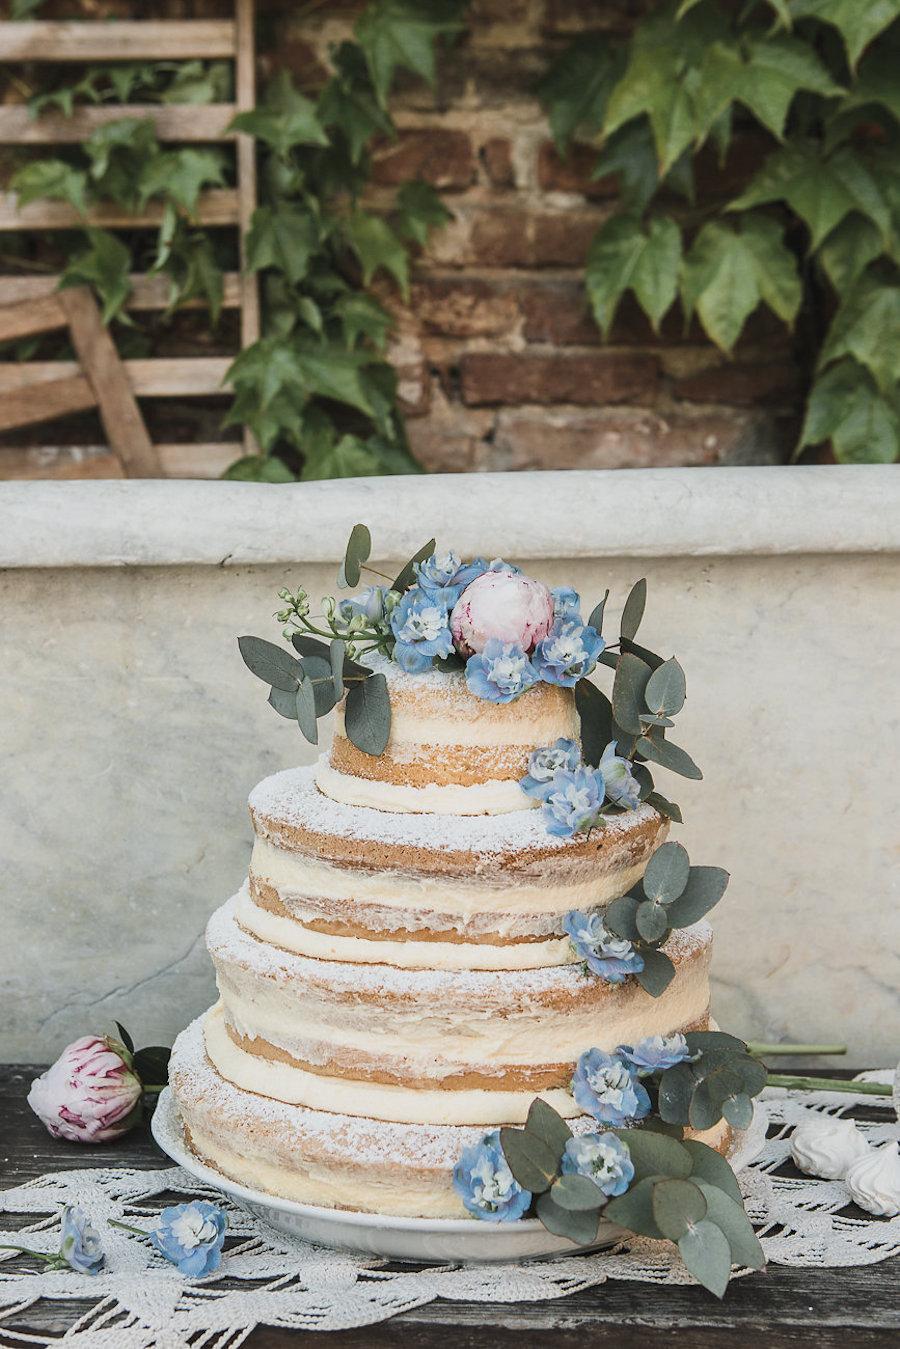 matrimonio-rose-quartz-e-serenity-di-luce-e-dombra-studio-fotografico-13